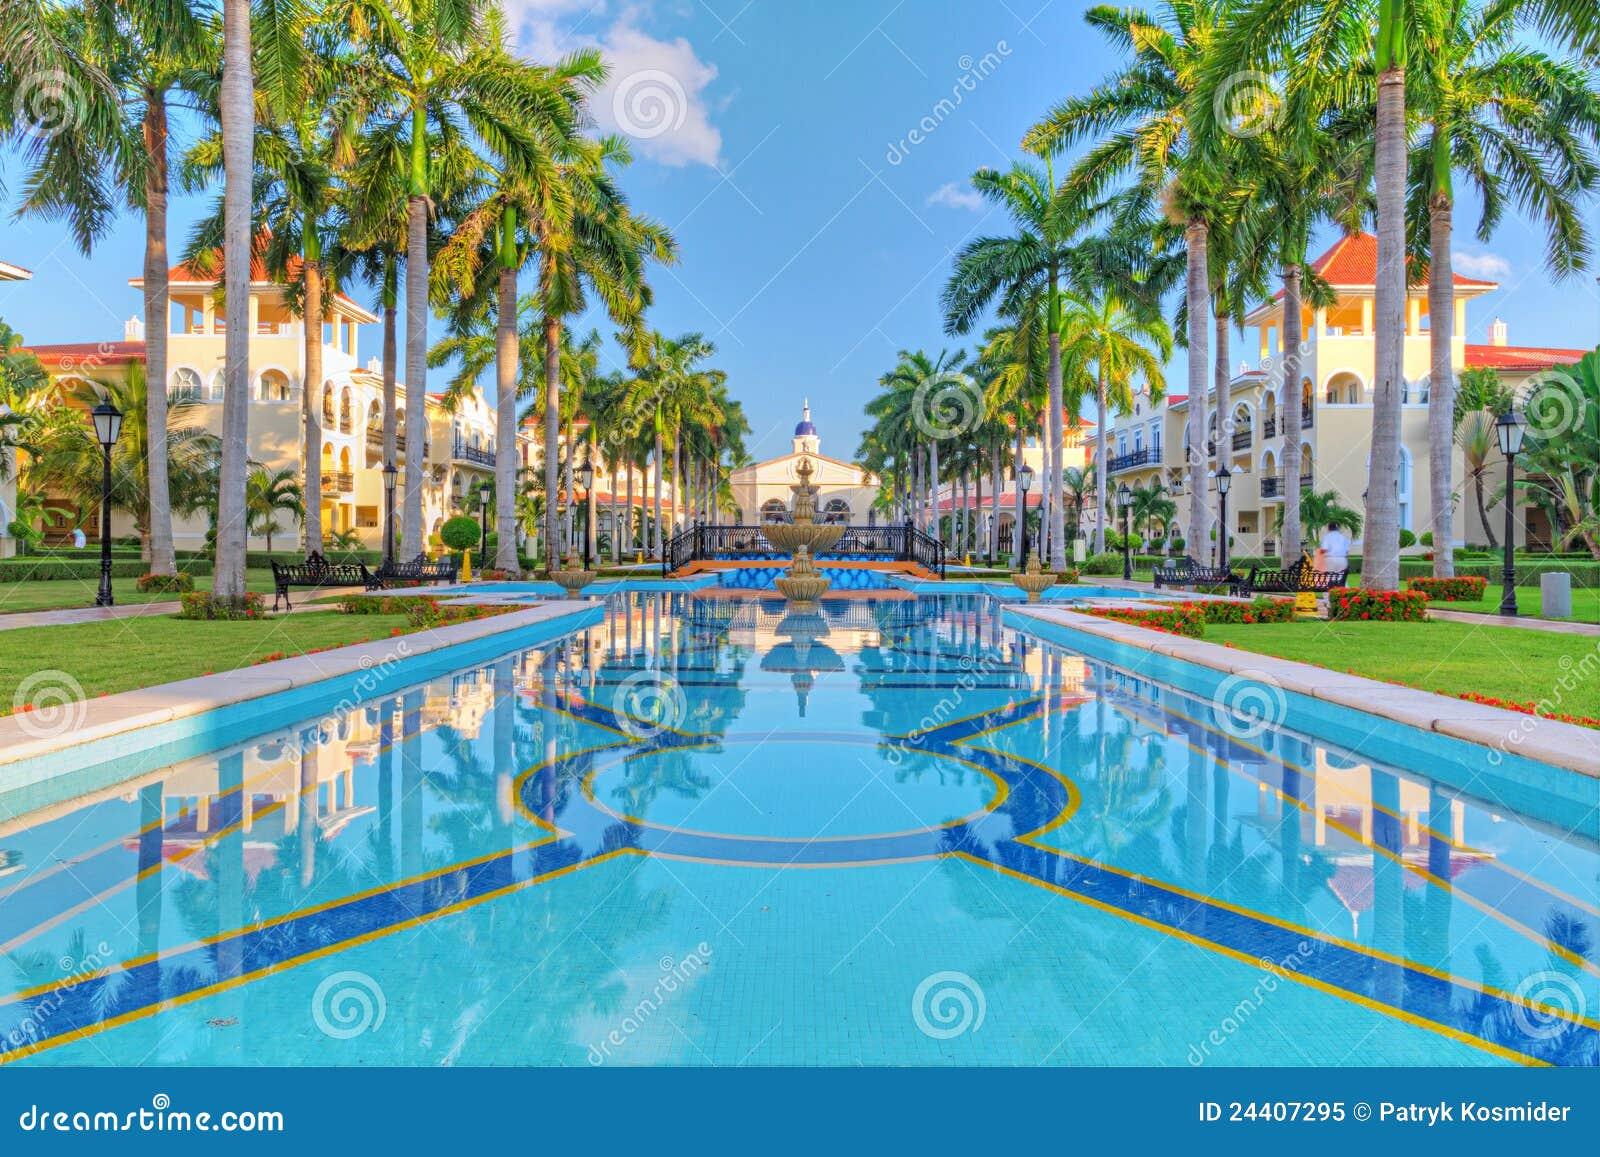 热带的豪华旅游胜地